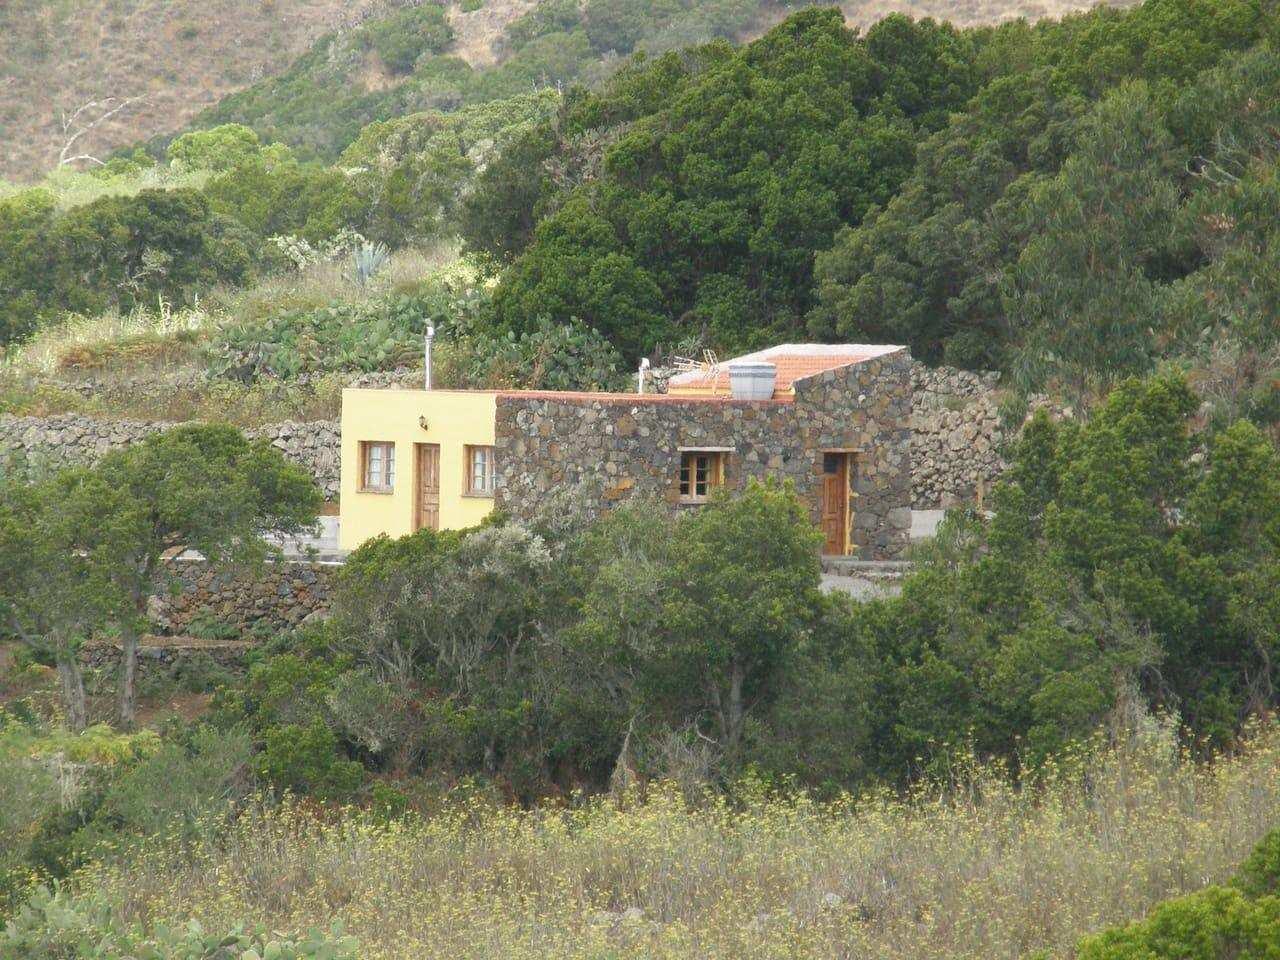 Alquiler vacacional en Villa de Valverde, Santa Cruz de Tenerife